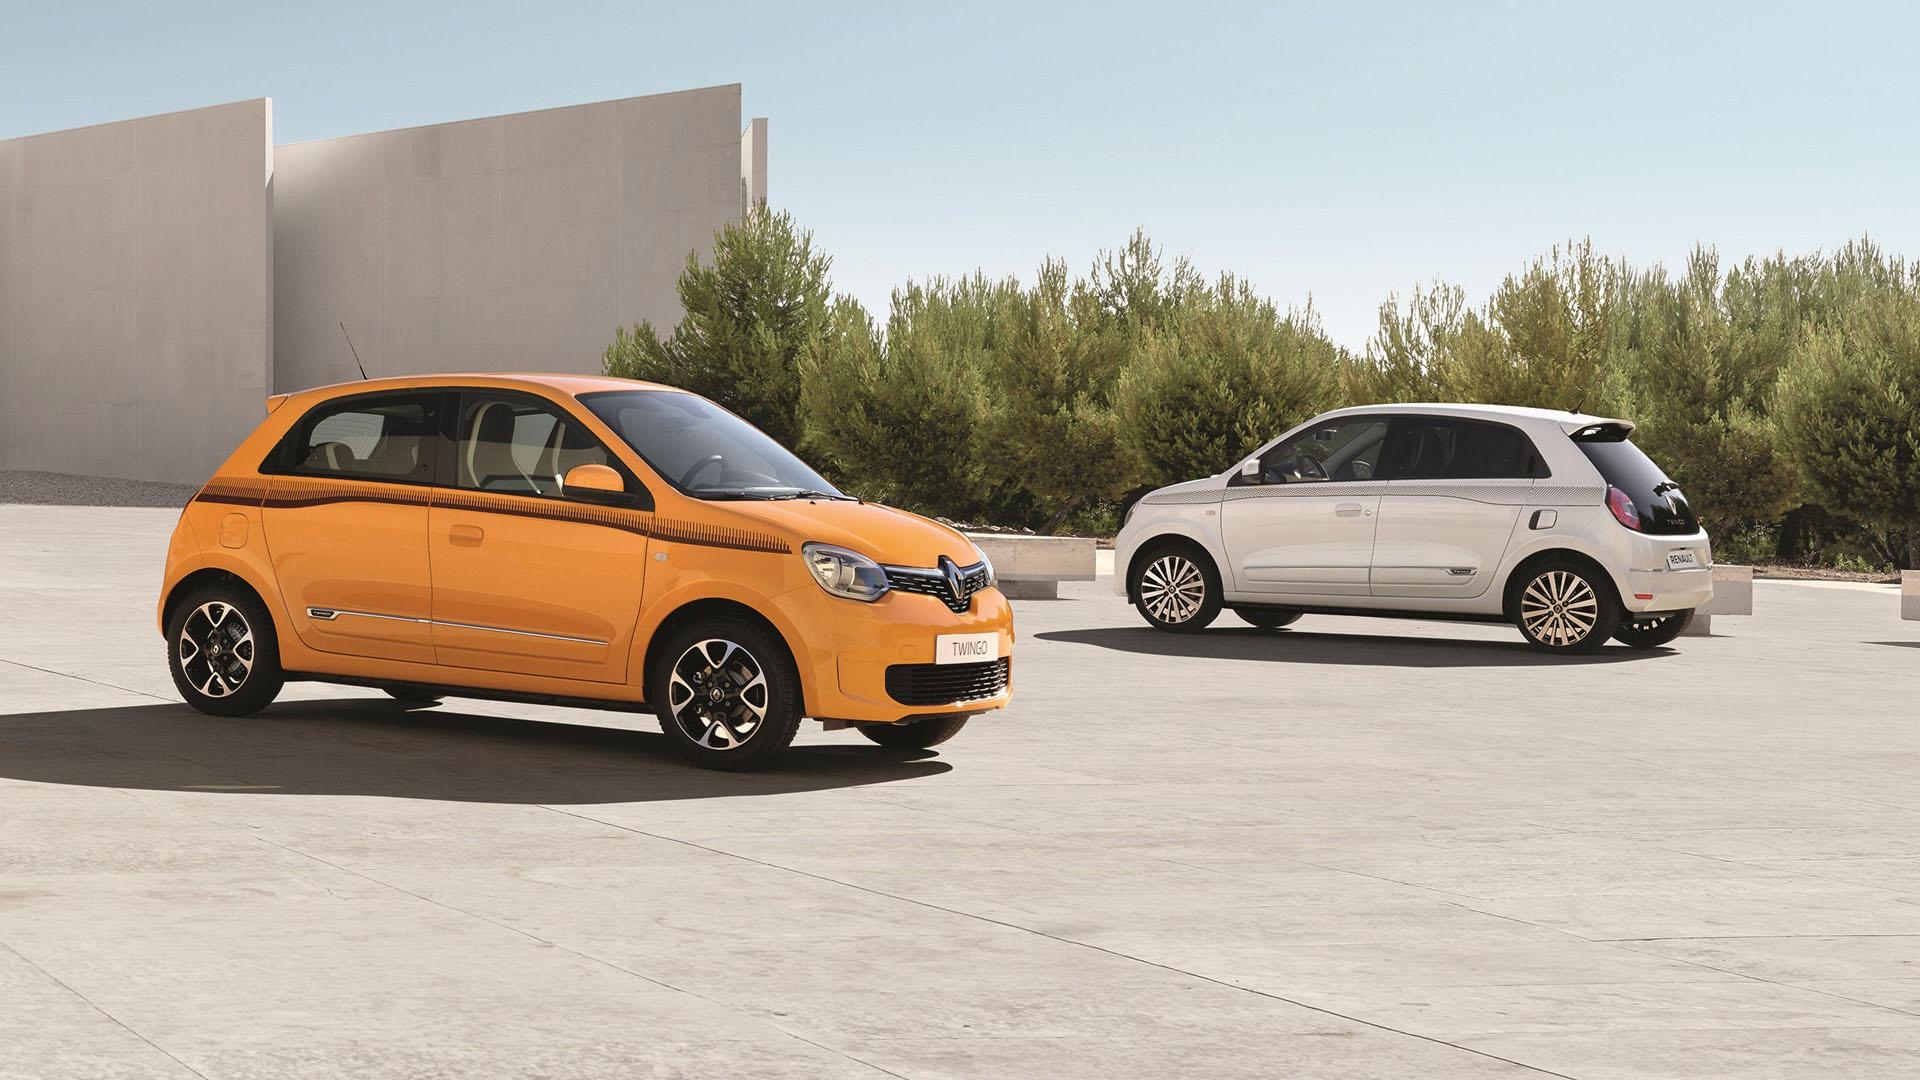 Renault lanzará dos nuevos coches eléctricos en 2020: un Twingo eléctrico y un SUV compacto